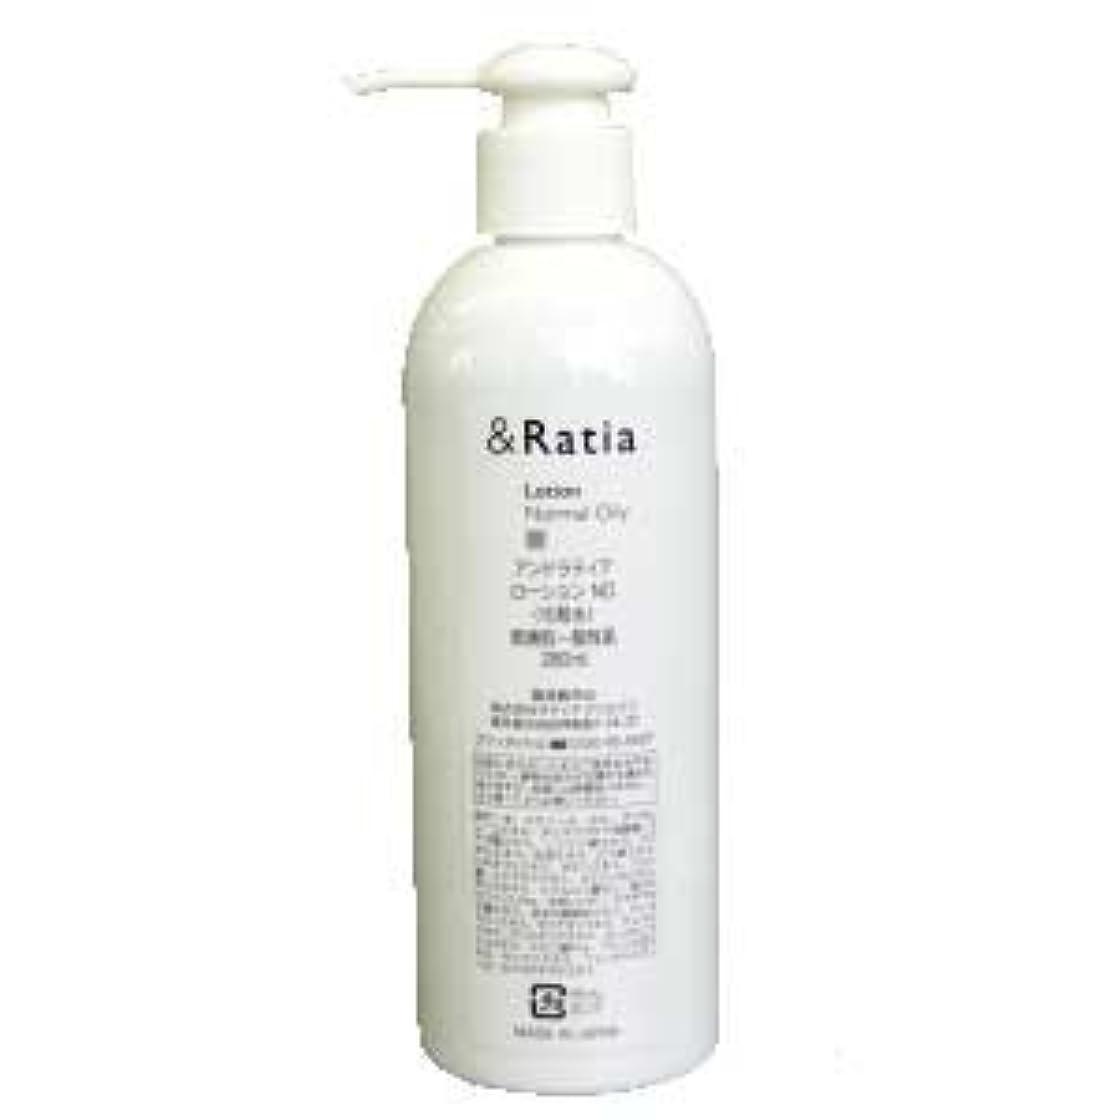 過敏な義務以下&Ratia アンドラティア  ローションNO【普通肌~脂性肌】業務用 ARSG011 280ml [cosme]